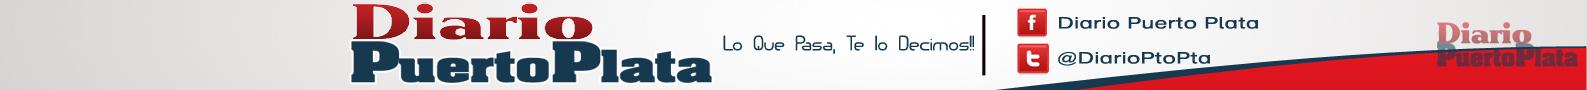 Diario Puerto Plata